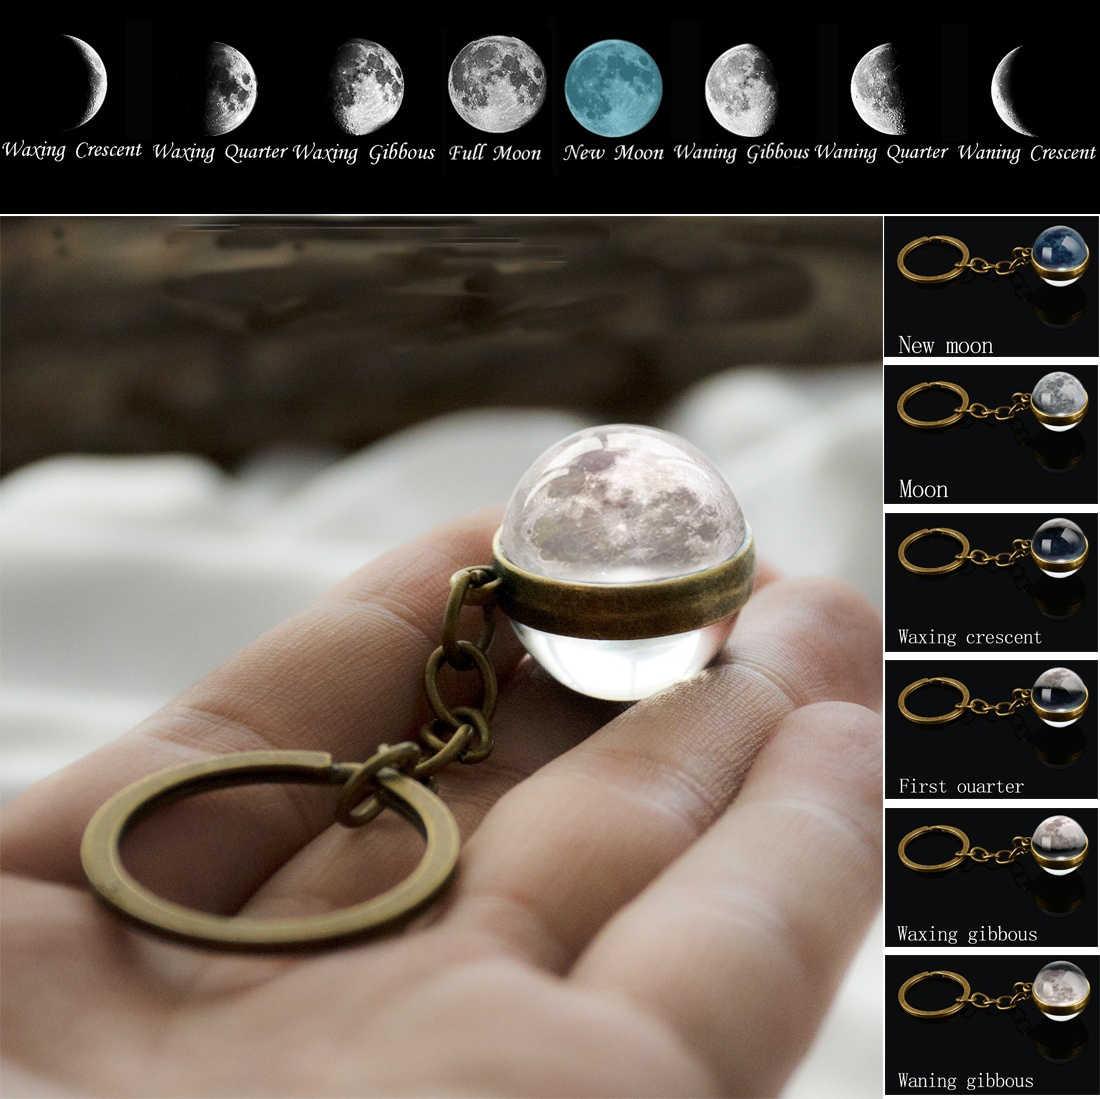 Fase da lua imagem chaveiro planeta nebulosa espaço keyrings galáxia universo lua terra sol marte sistema solar dupla face bola de vidro